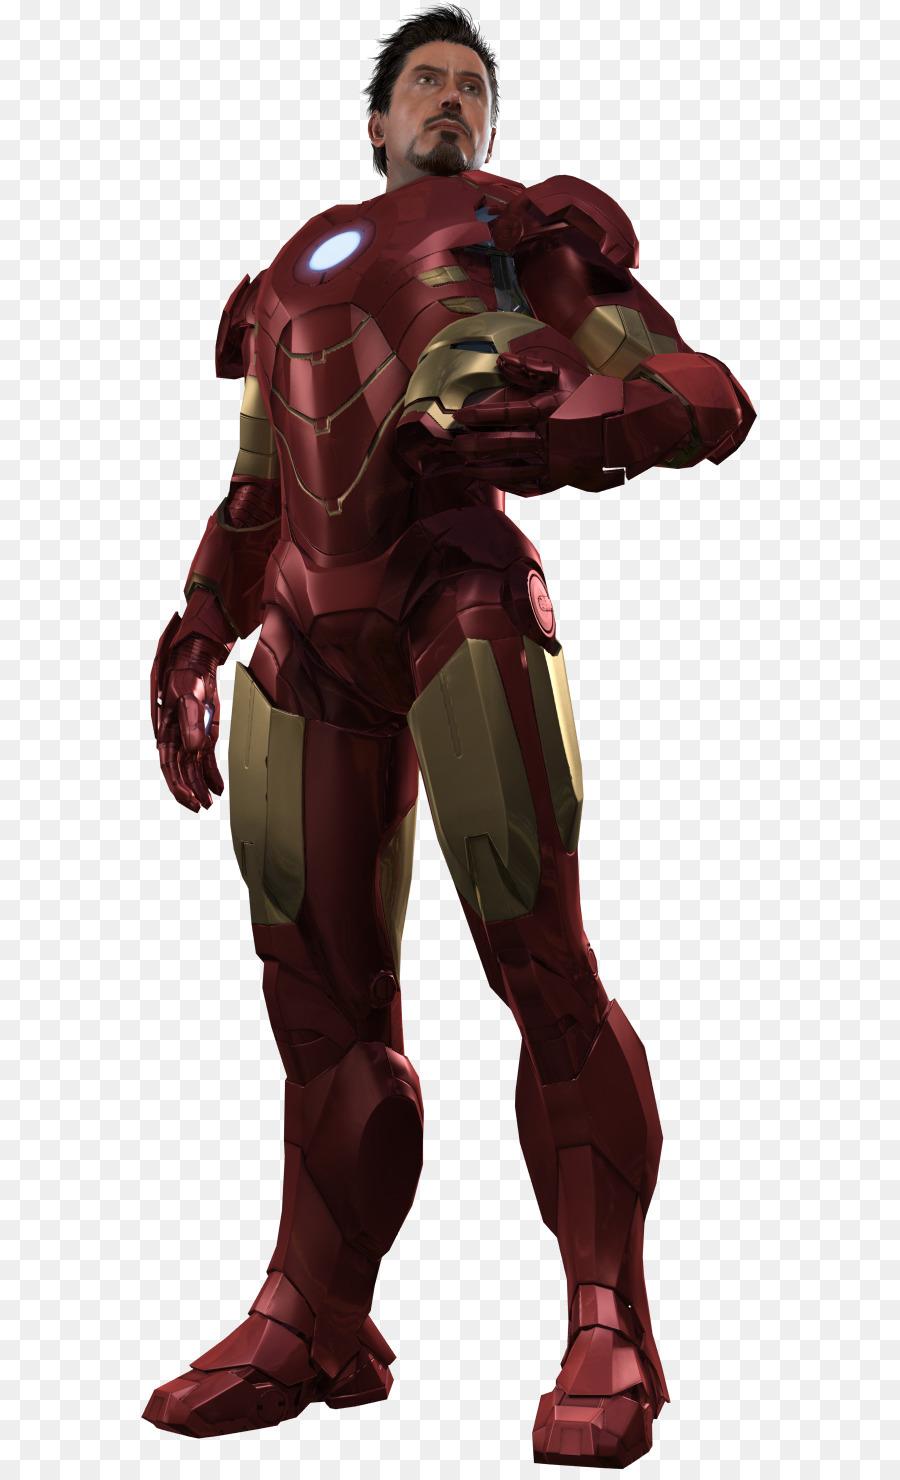 Robert Downey Jr Iron Man 2 War Machine Iron Man S Armor Iron Man